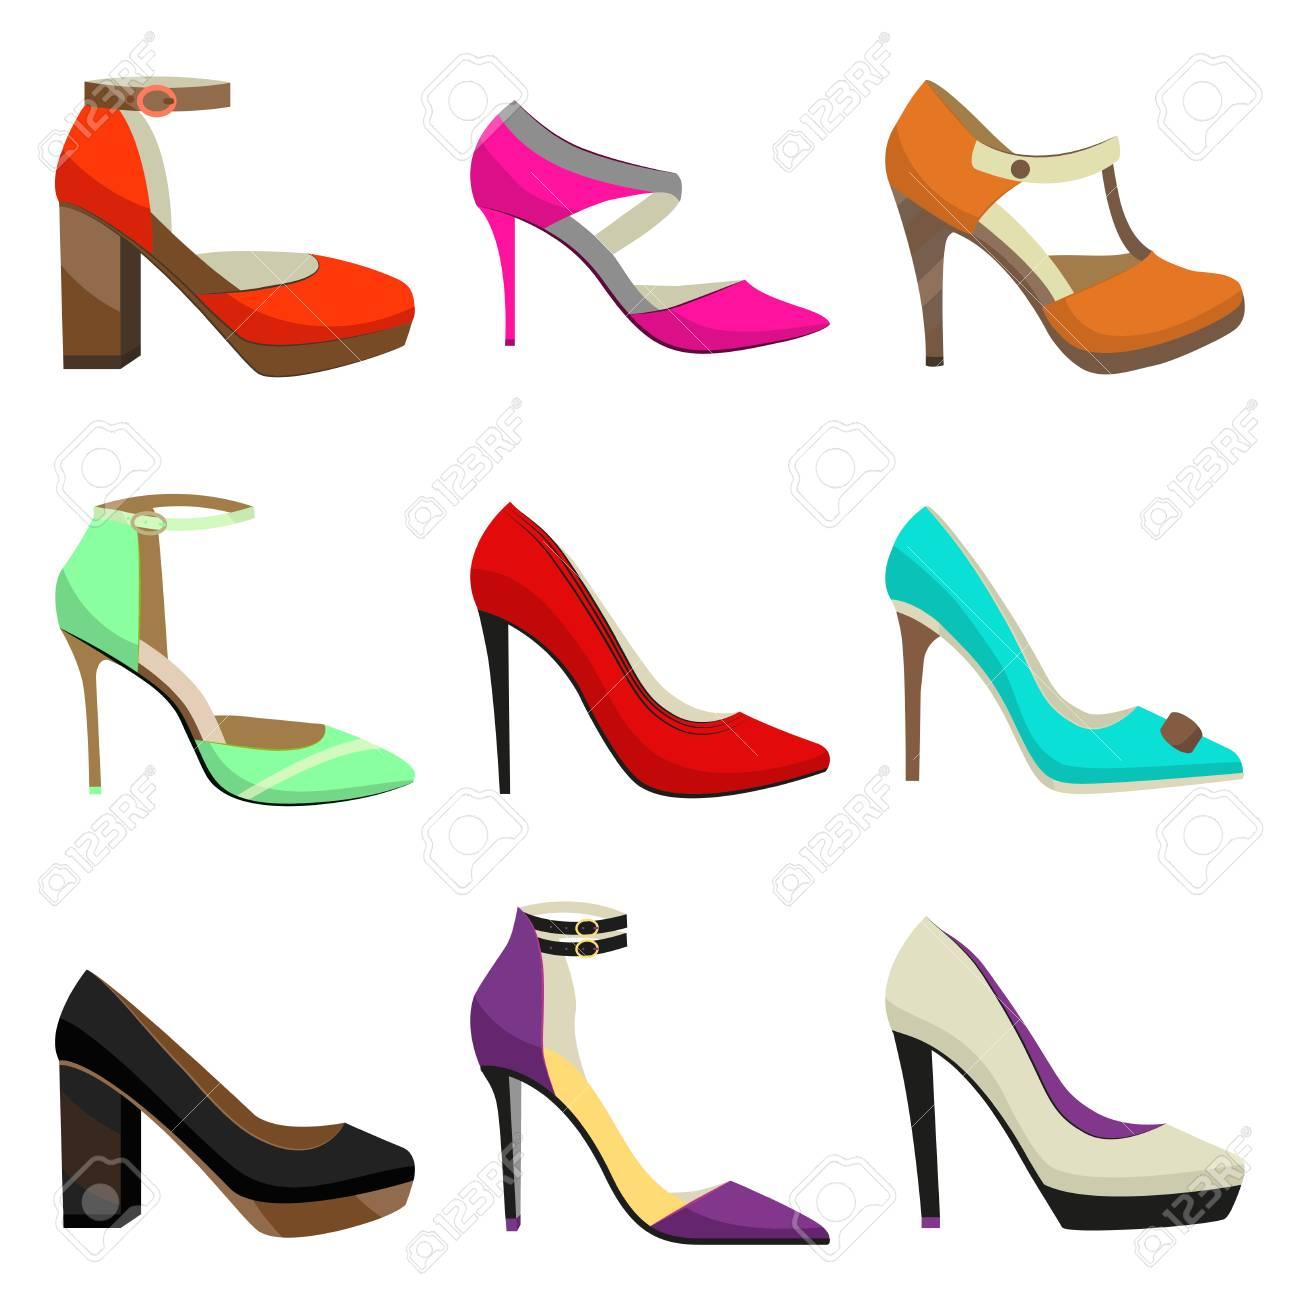 De Conjunto Coloridos Zapatos Bfvyy6g7 Mujerfahionable Tacón Alto c1JlFK